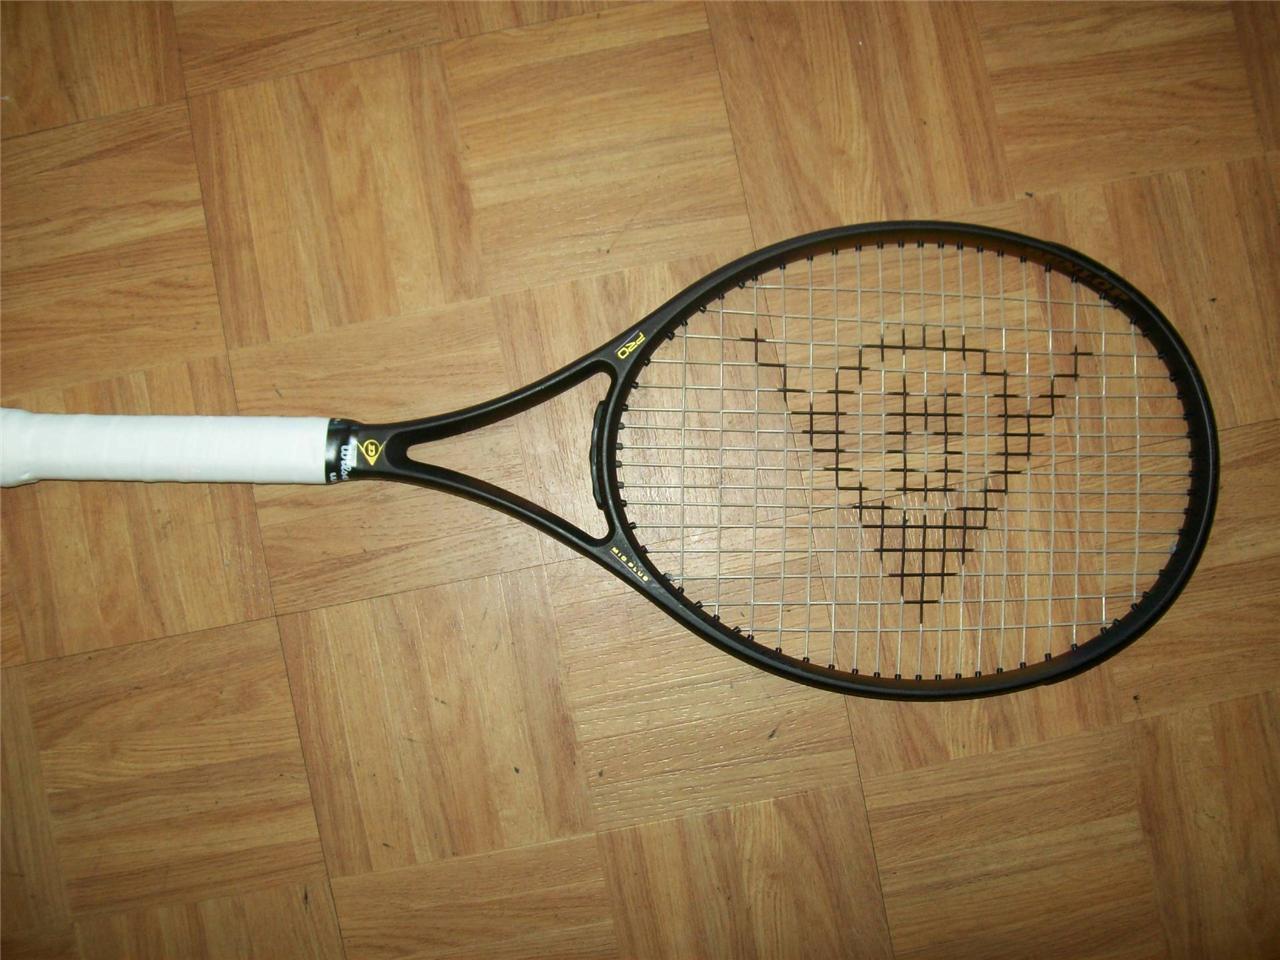 Dunlop Pro Revelation Midplus 95 4 1/4 grip grip 1/4 Tennis Racquet bd7db4